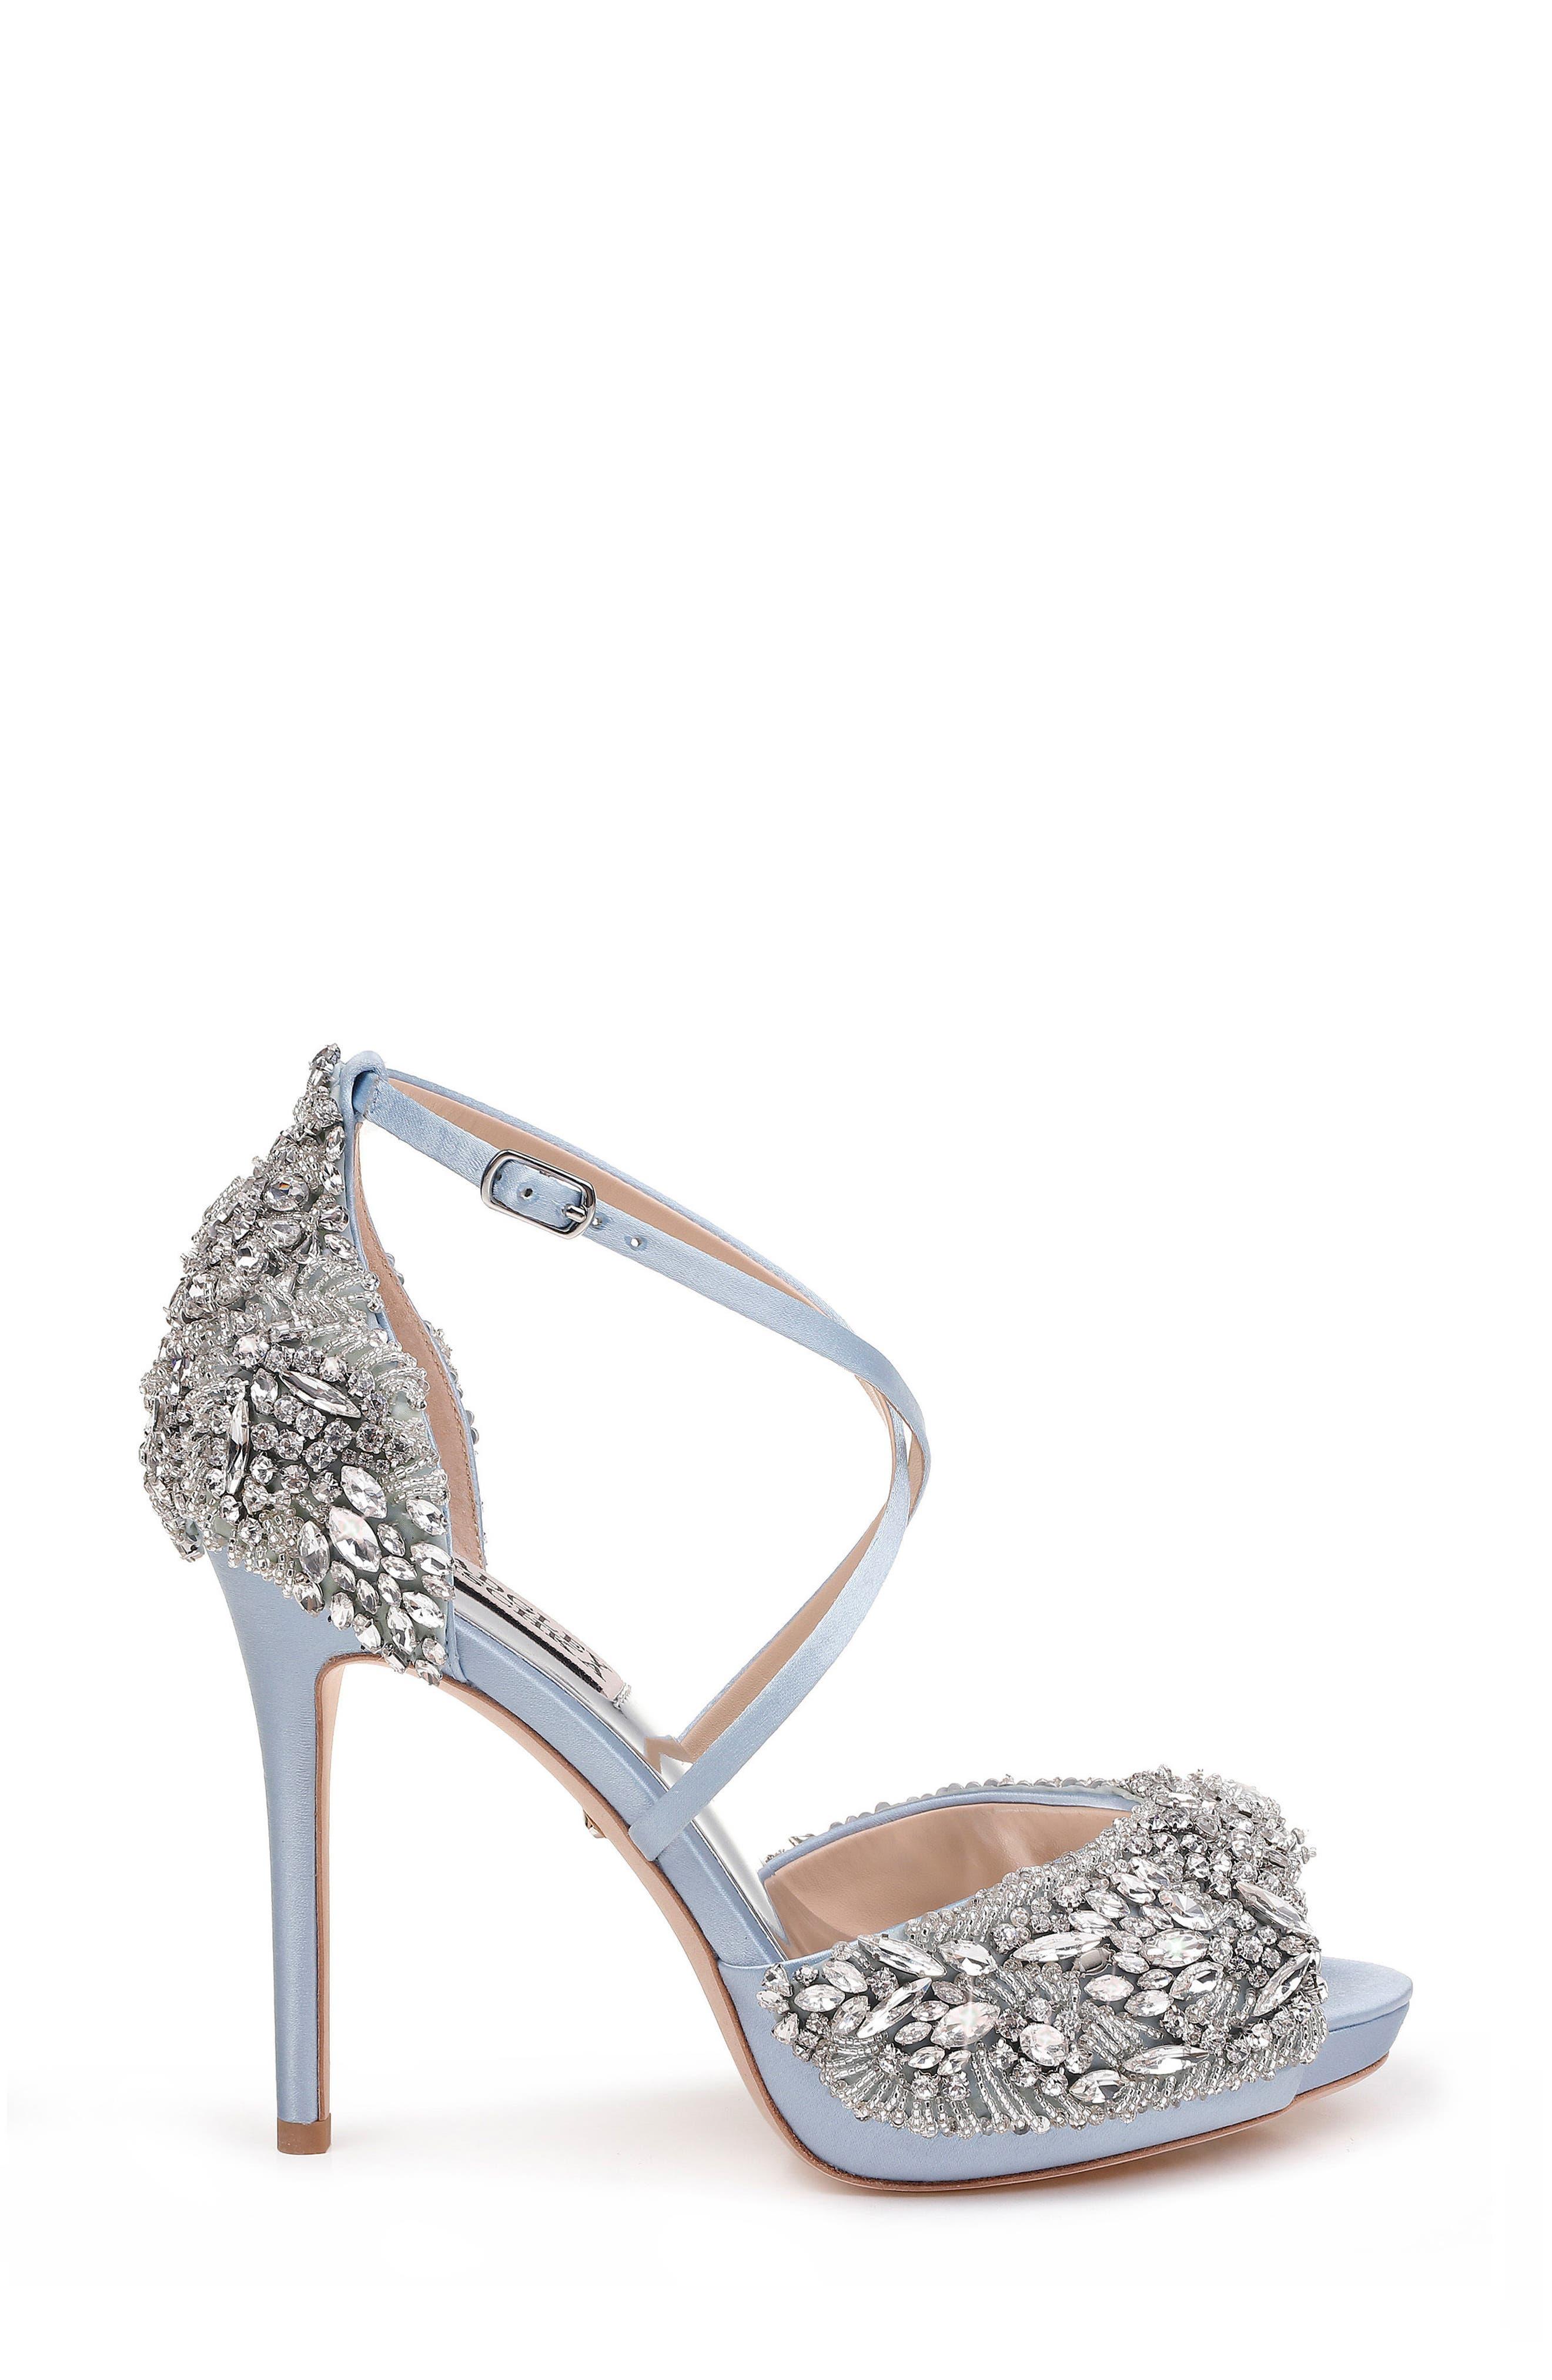 Alternate Image 3  - Badgley Mischka Hyper Crystal Embellished Sandal (Women)